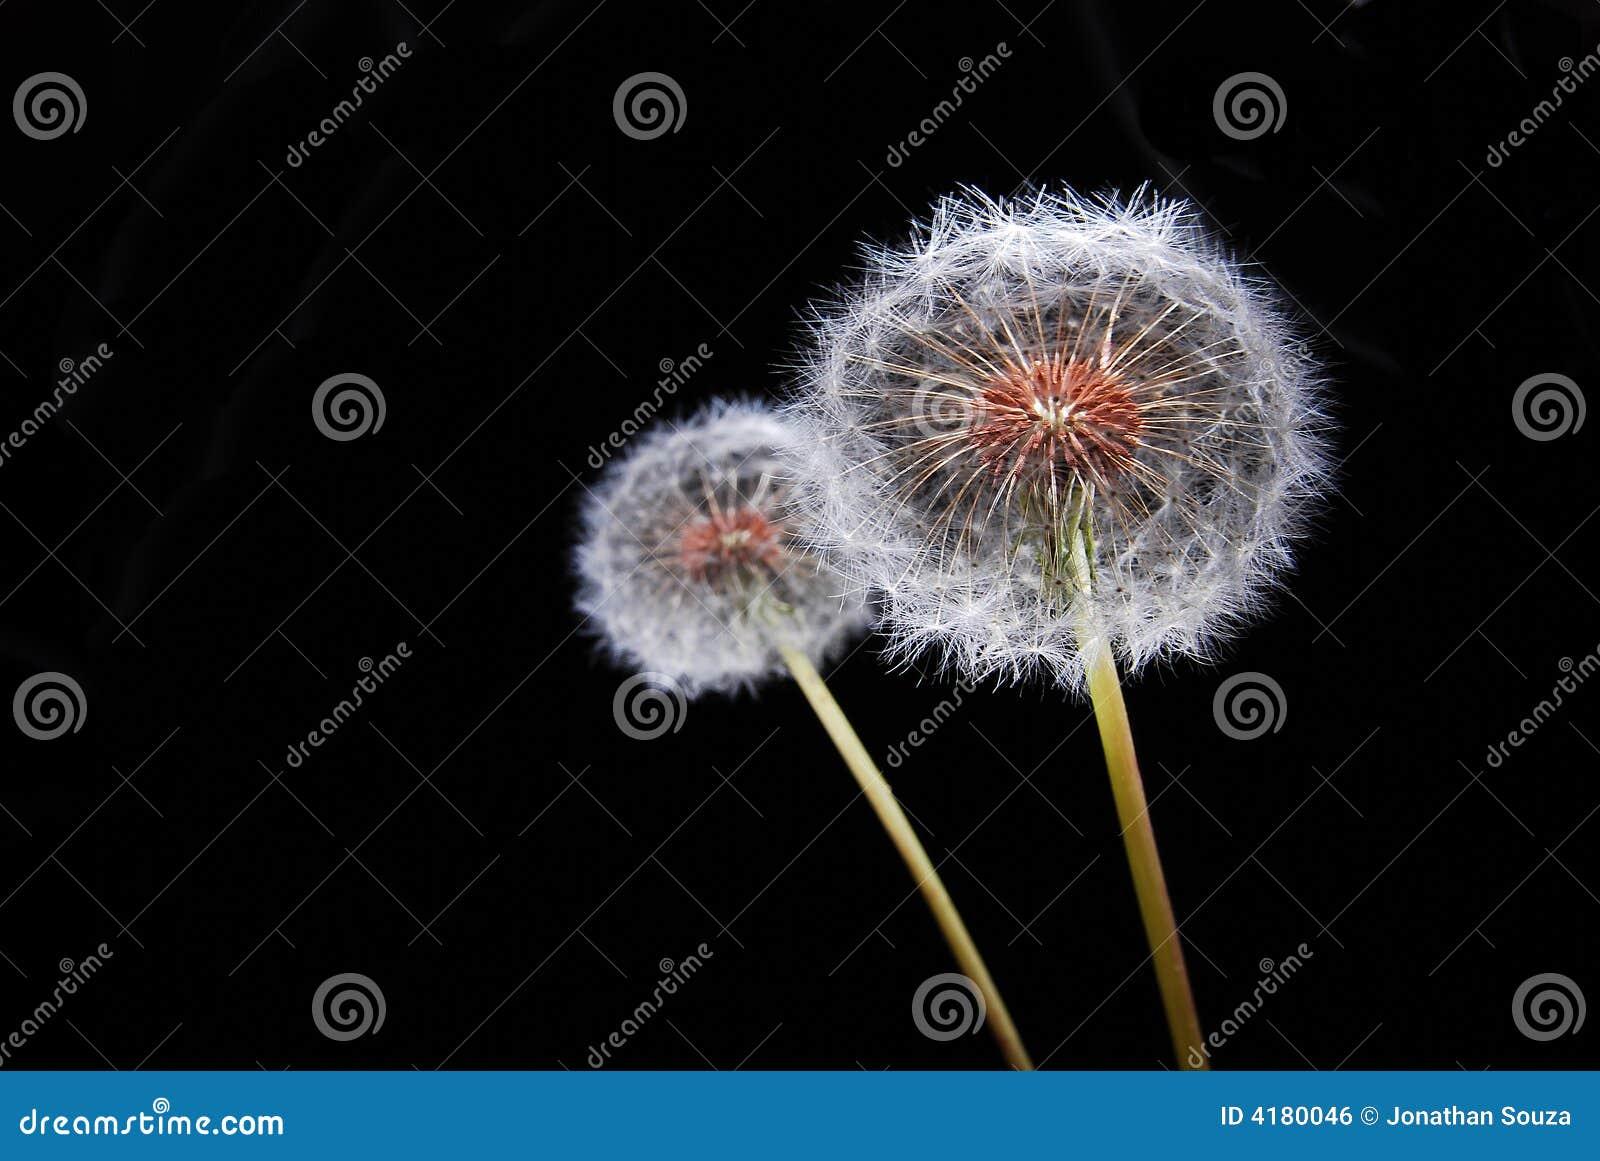 Dandy Lion Flowers